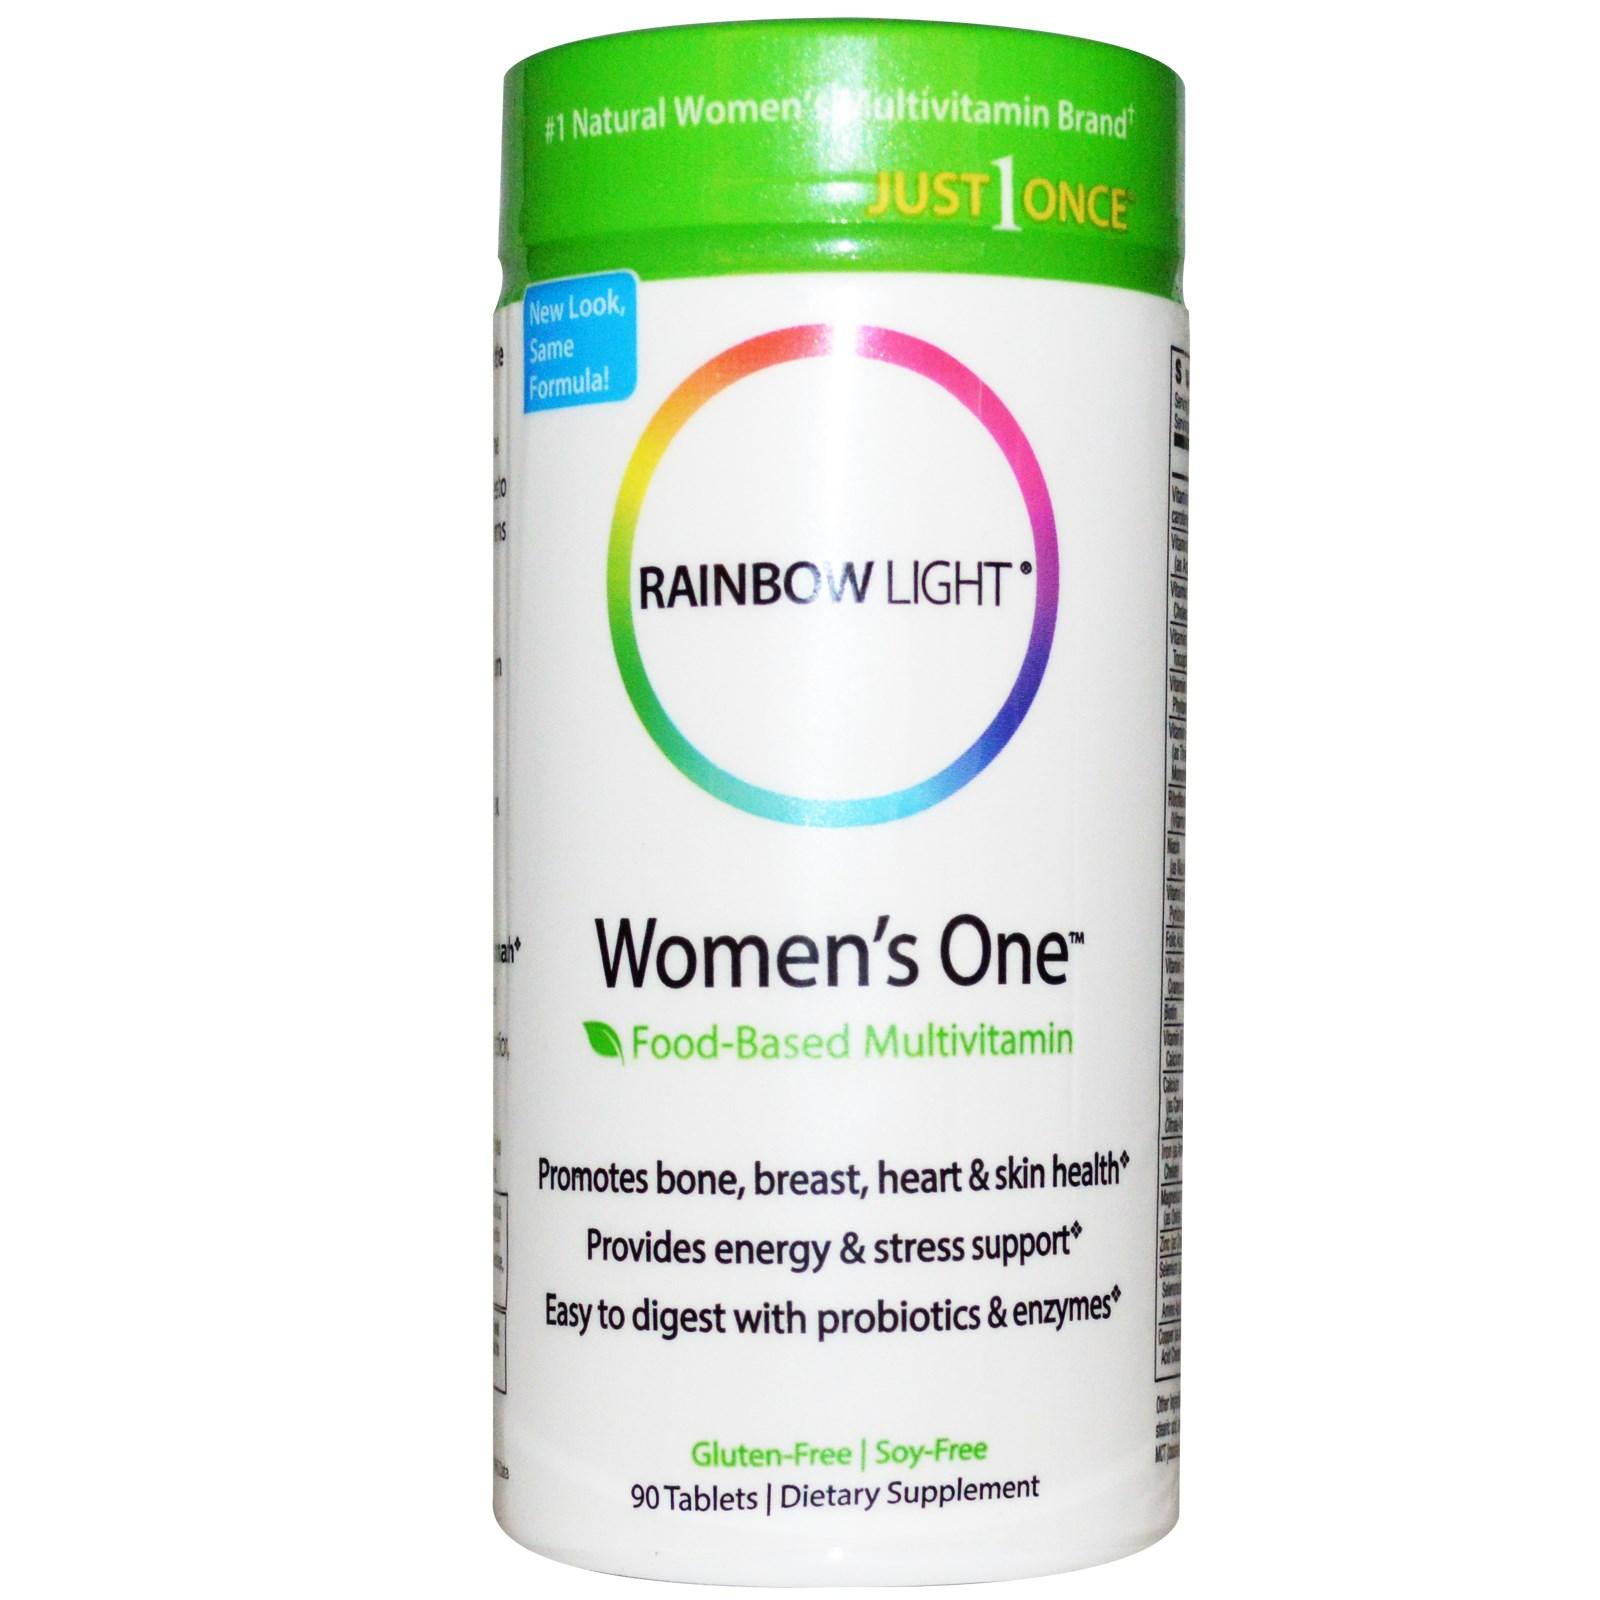 Пищевой мультивитамин для женщин Just Once, Rainbow Light, в таблетках (90 штук)